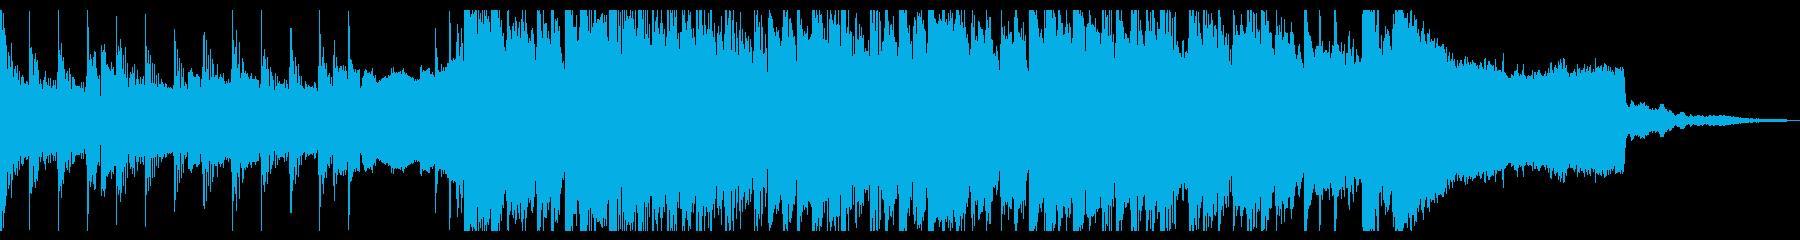 インディーロック ポップロック 未...の再生済みの波形